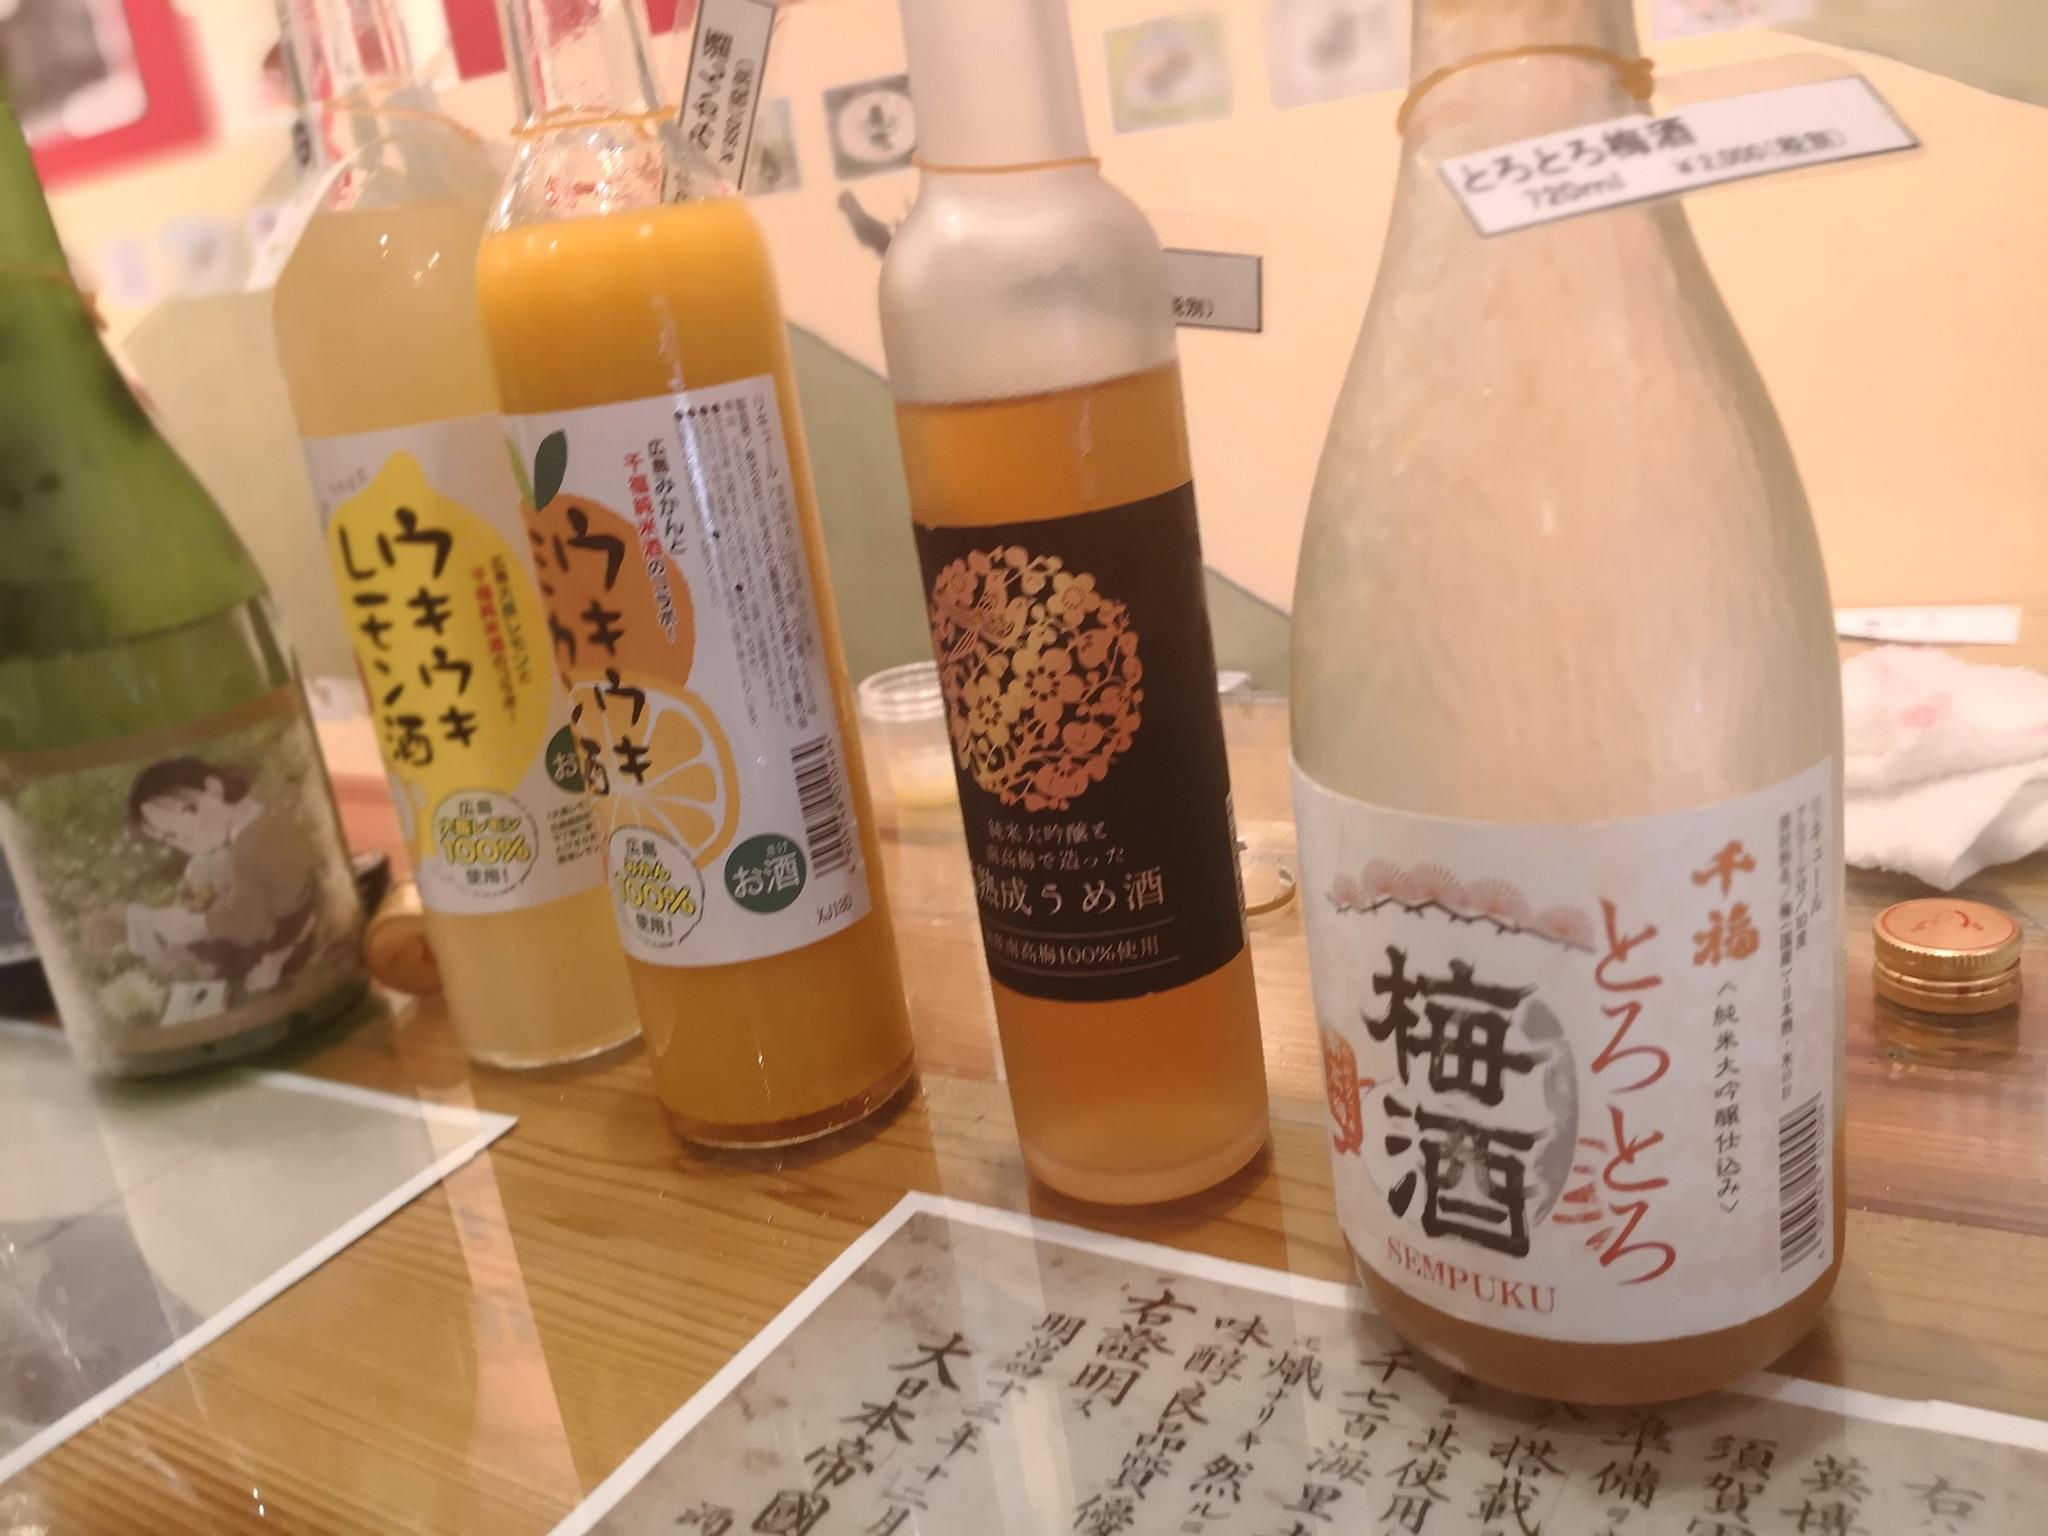 千福 レモン酒みかん酒 呉旅行